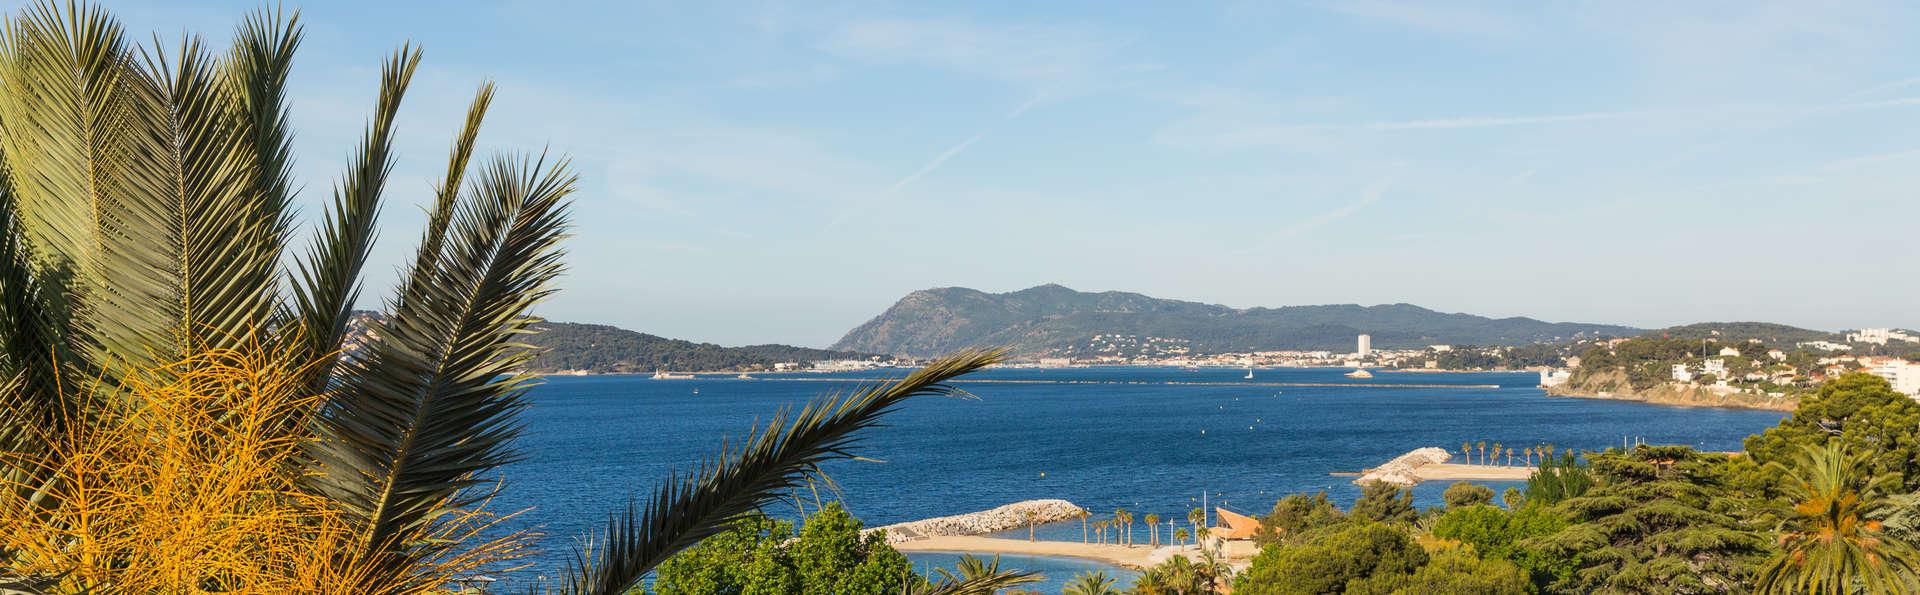 Hôtel Les Voiles 3* - Toulon, France